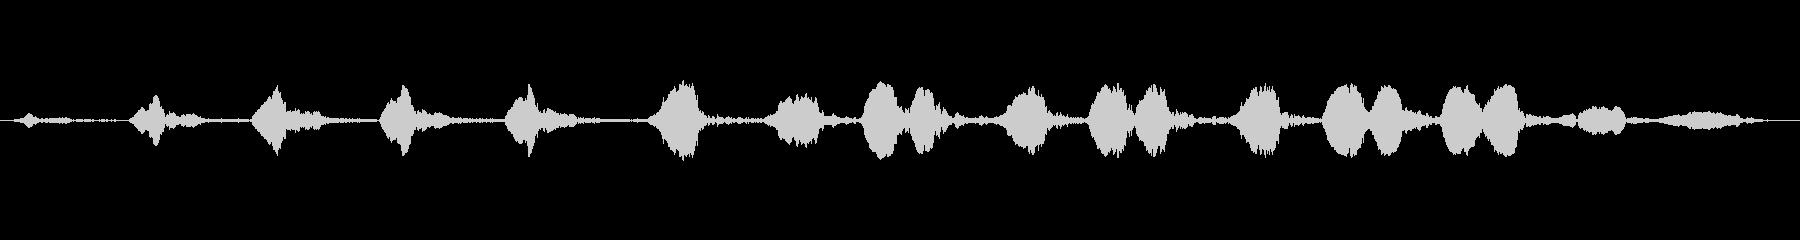 レッドブレストヒタキ:呼び出し、動物の鳥の未再生の波形